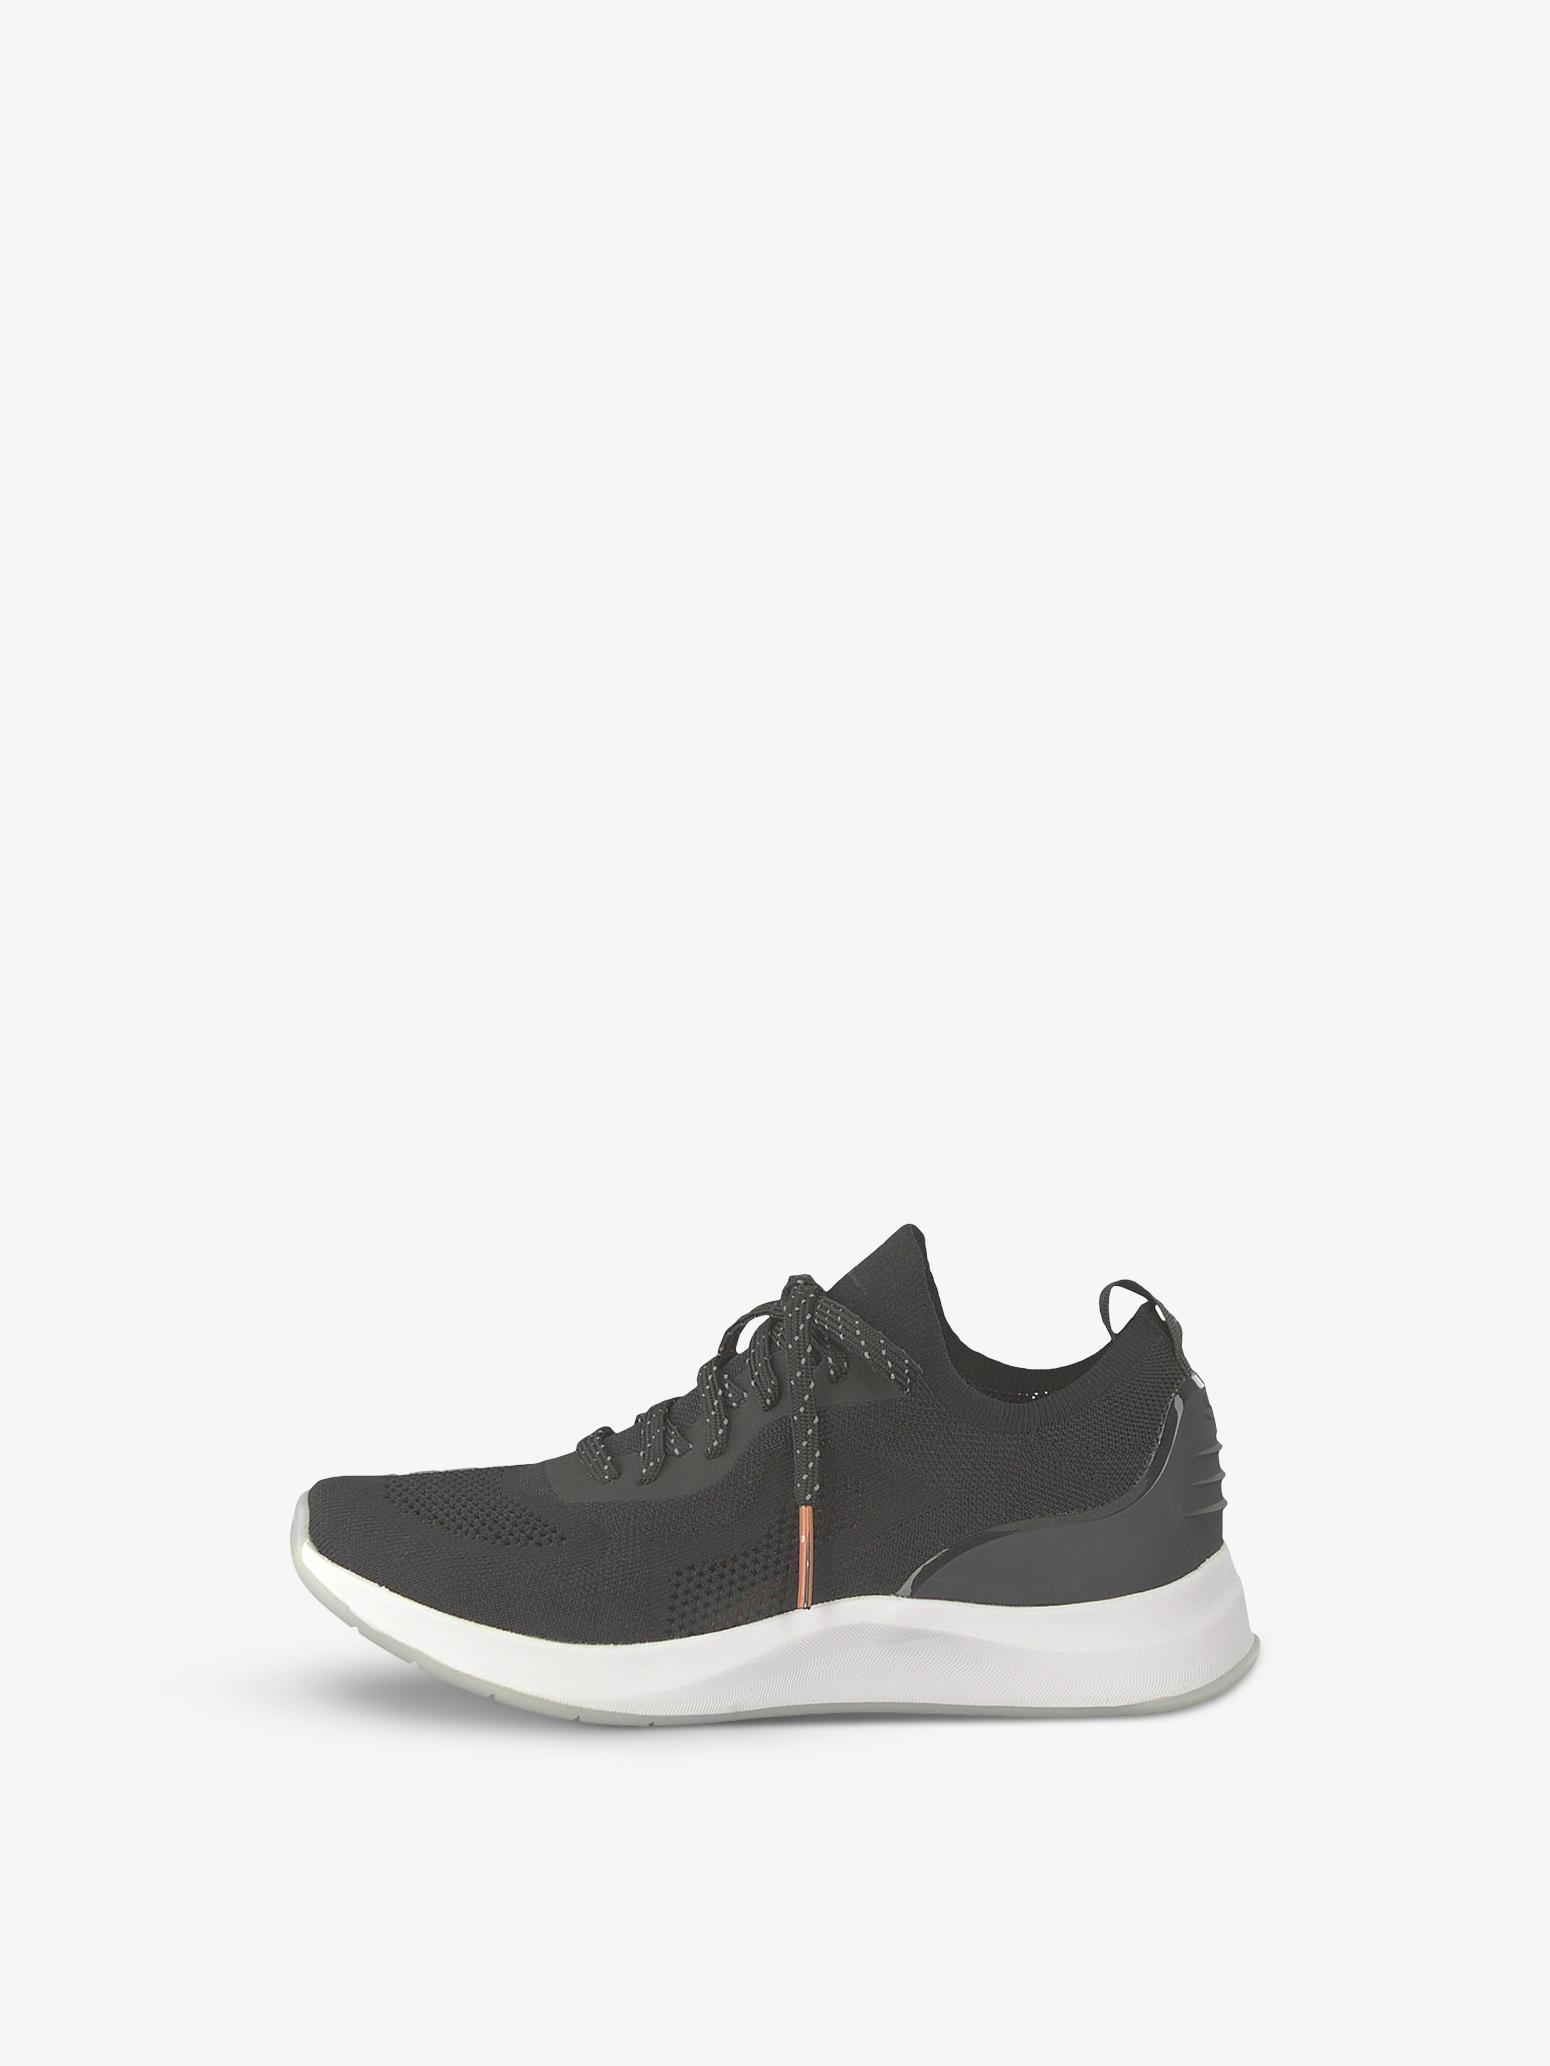 1 Kaufen 1 Online 22Tamaris 23705 Sneaker WEbDeHIY92